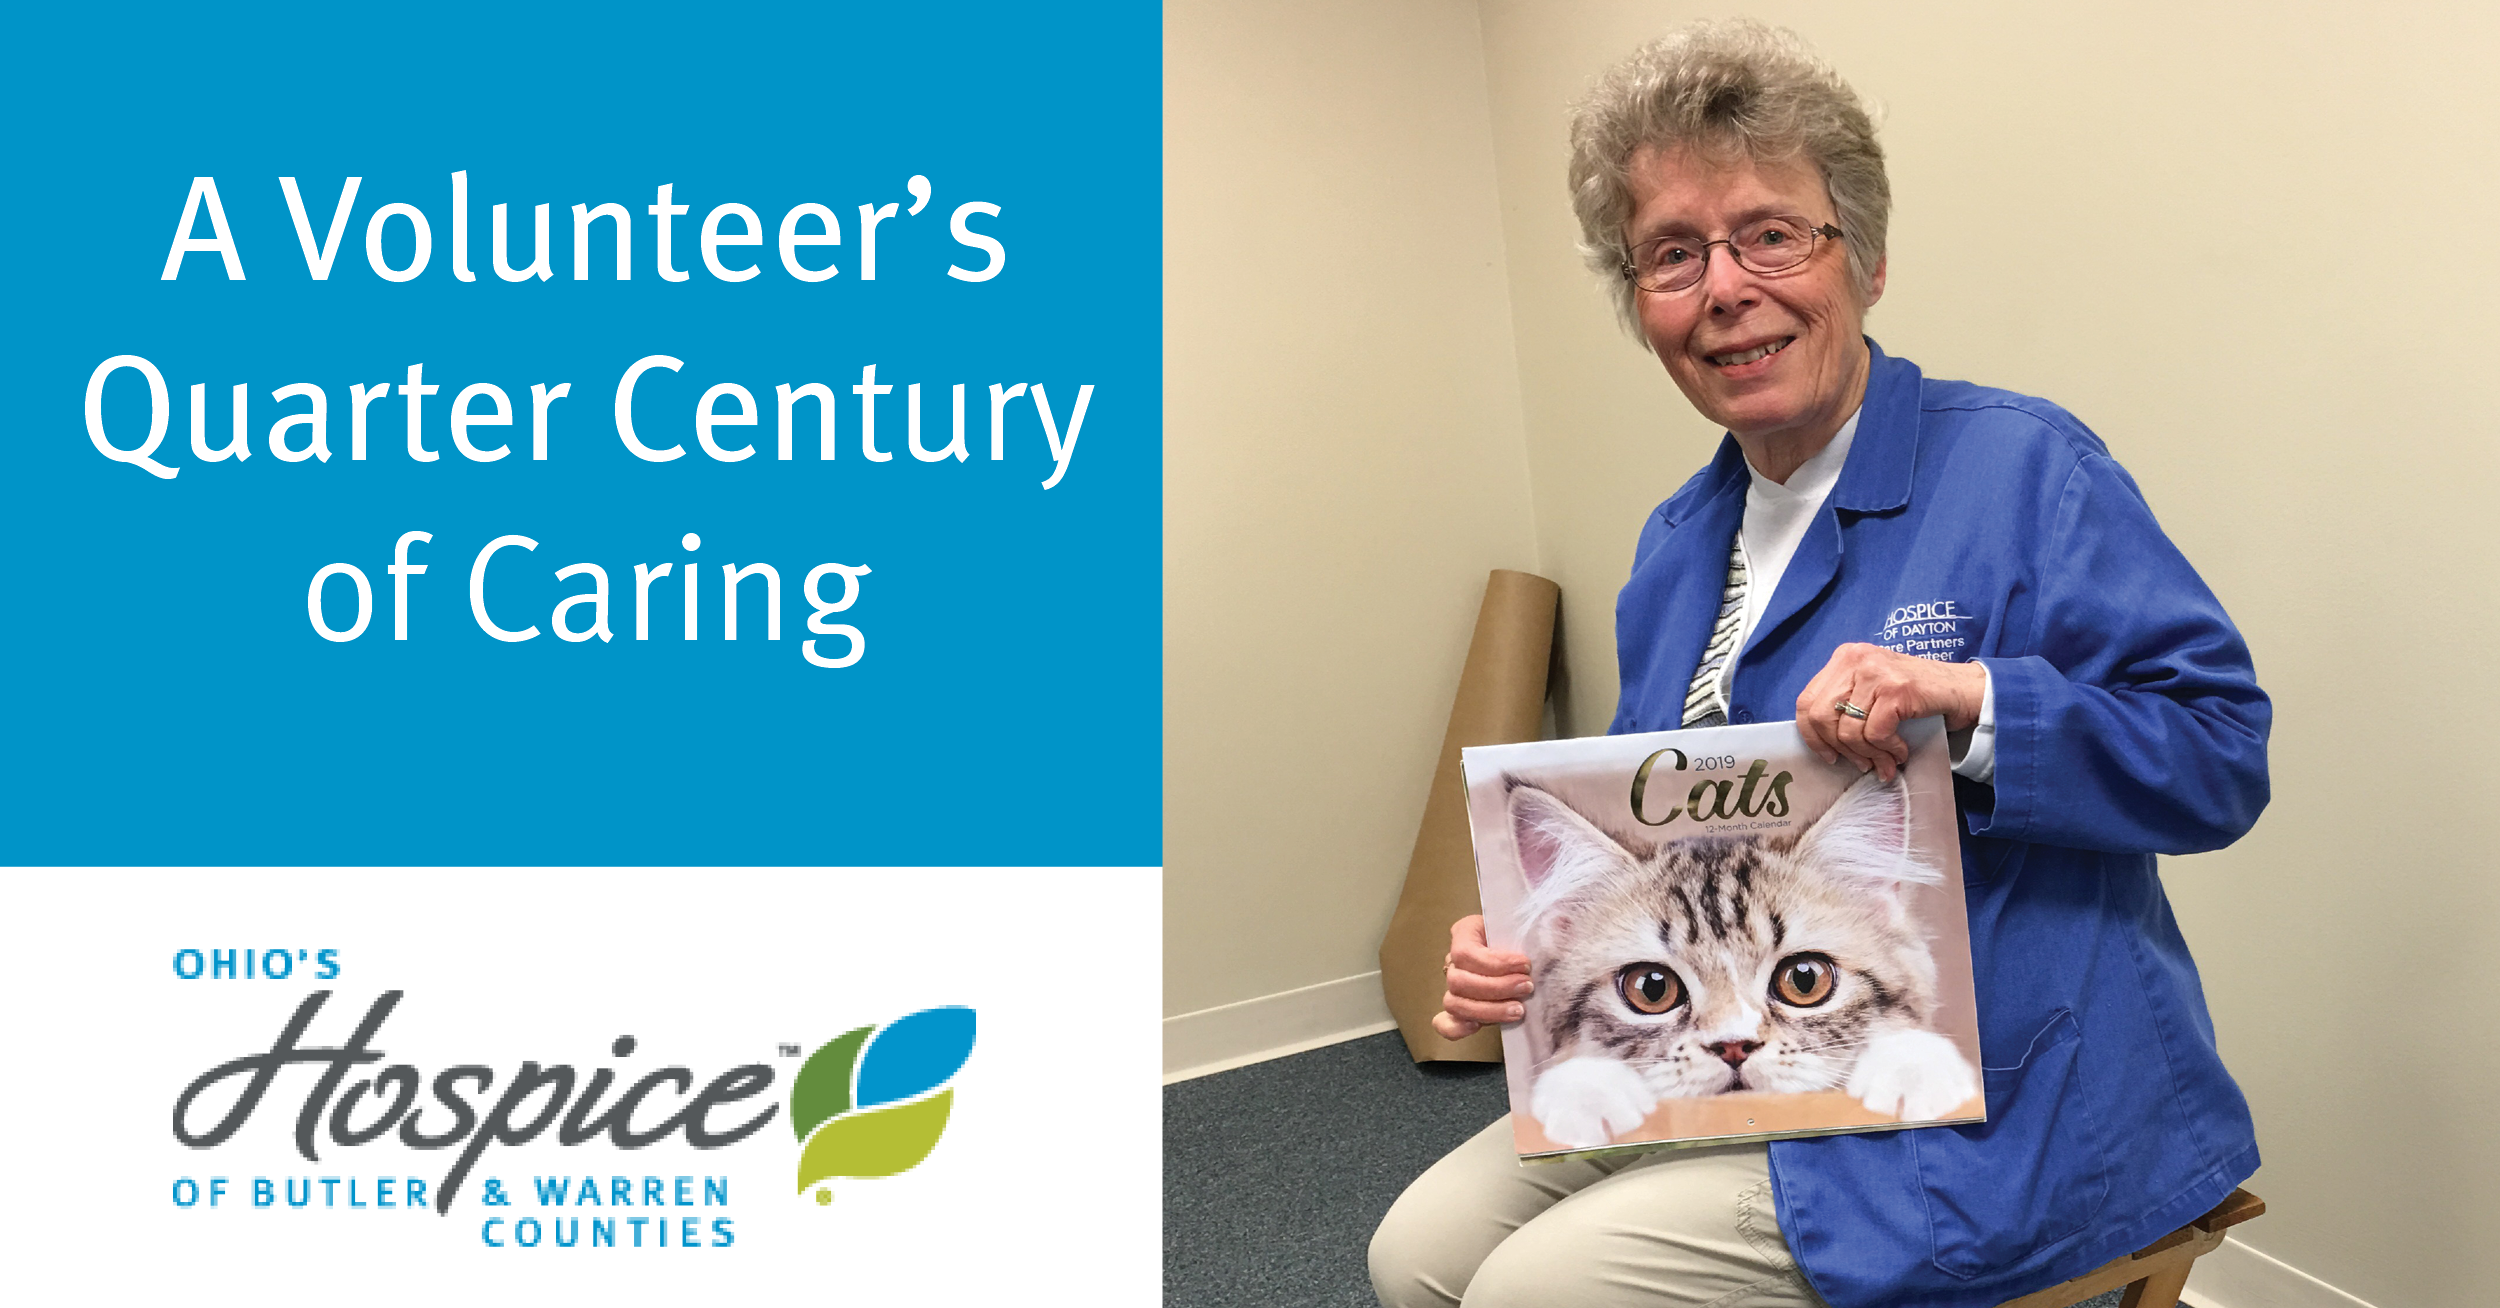 A Volunteer's Quarter Century Of Caring